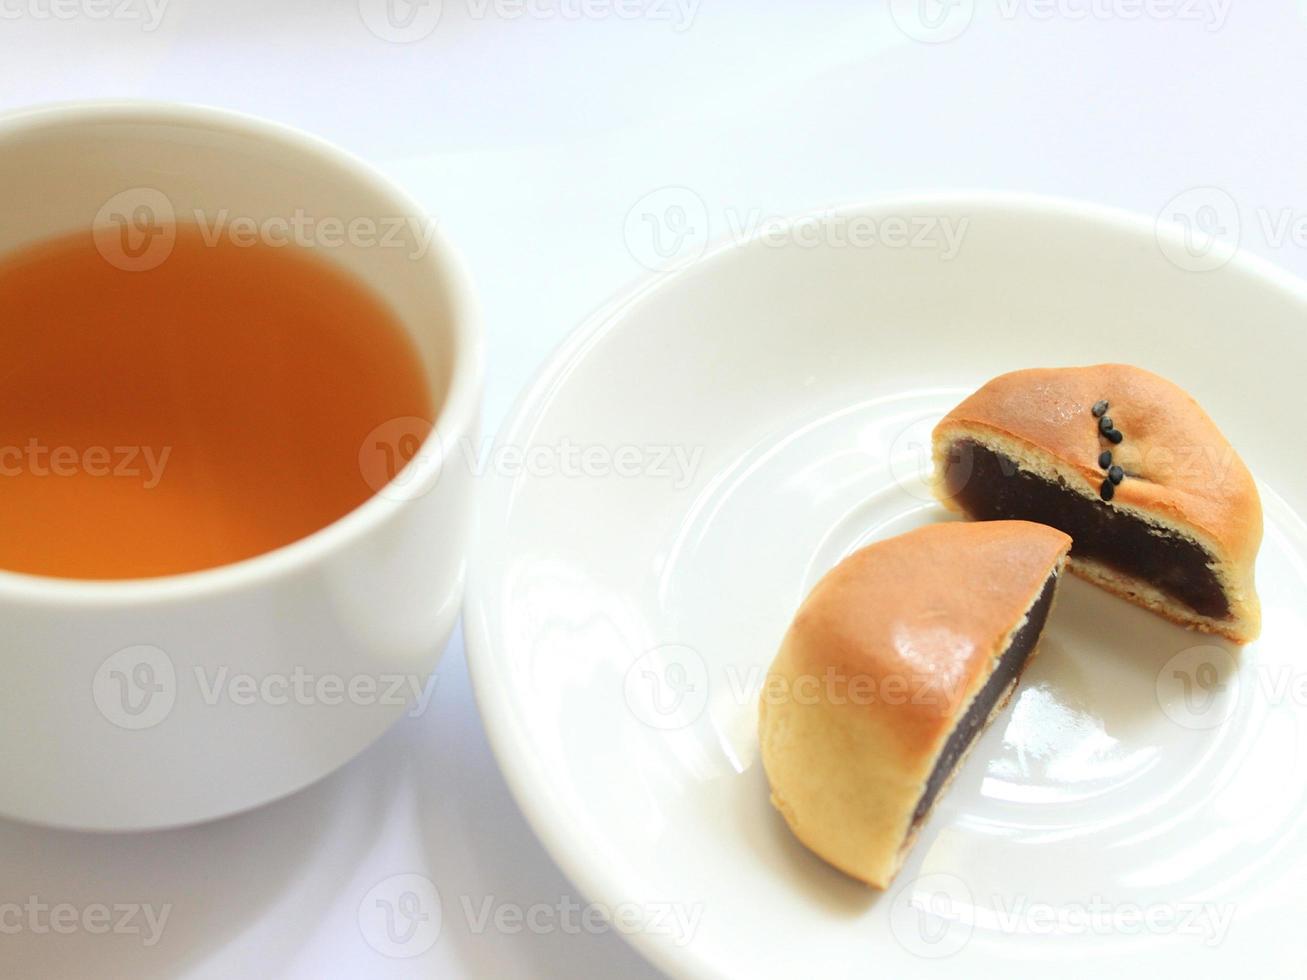 japansk wagashi tårta foto